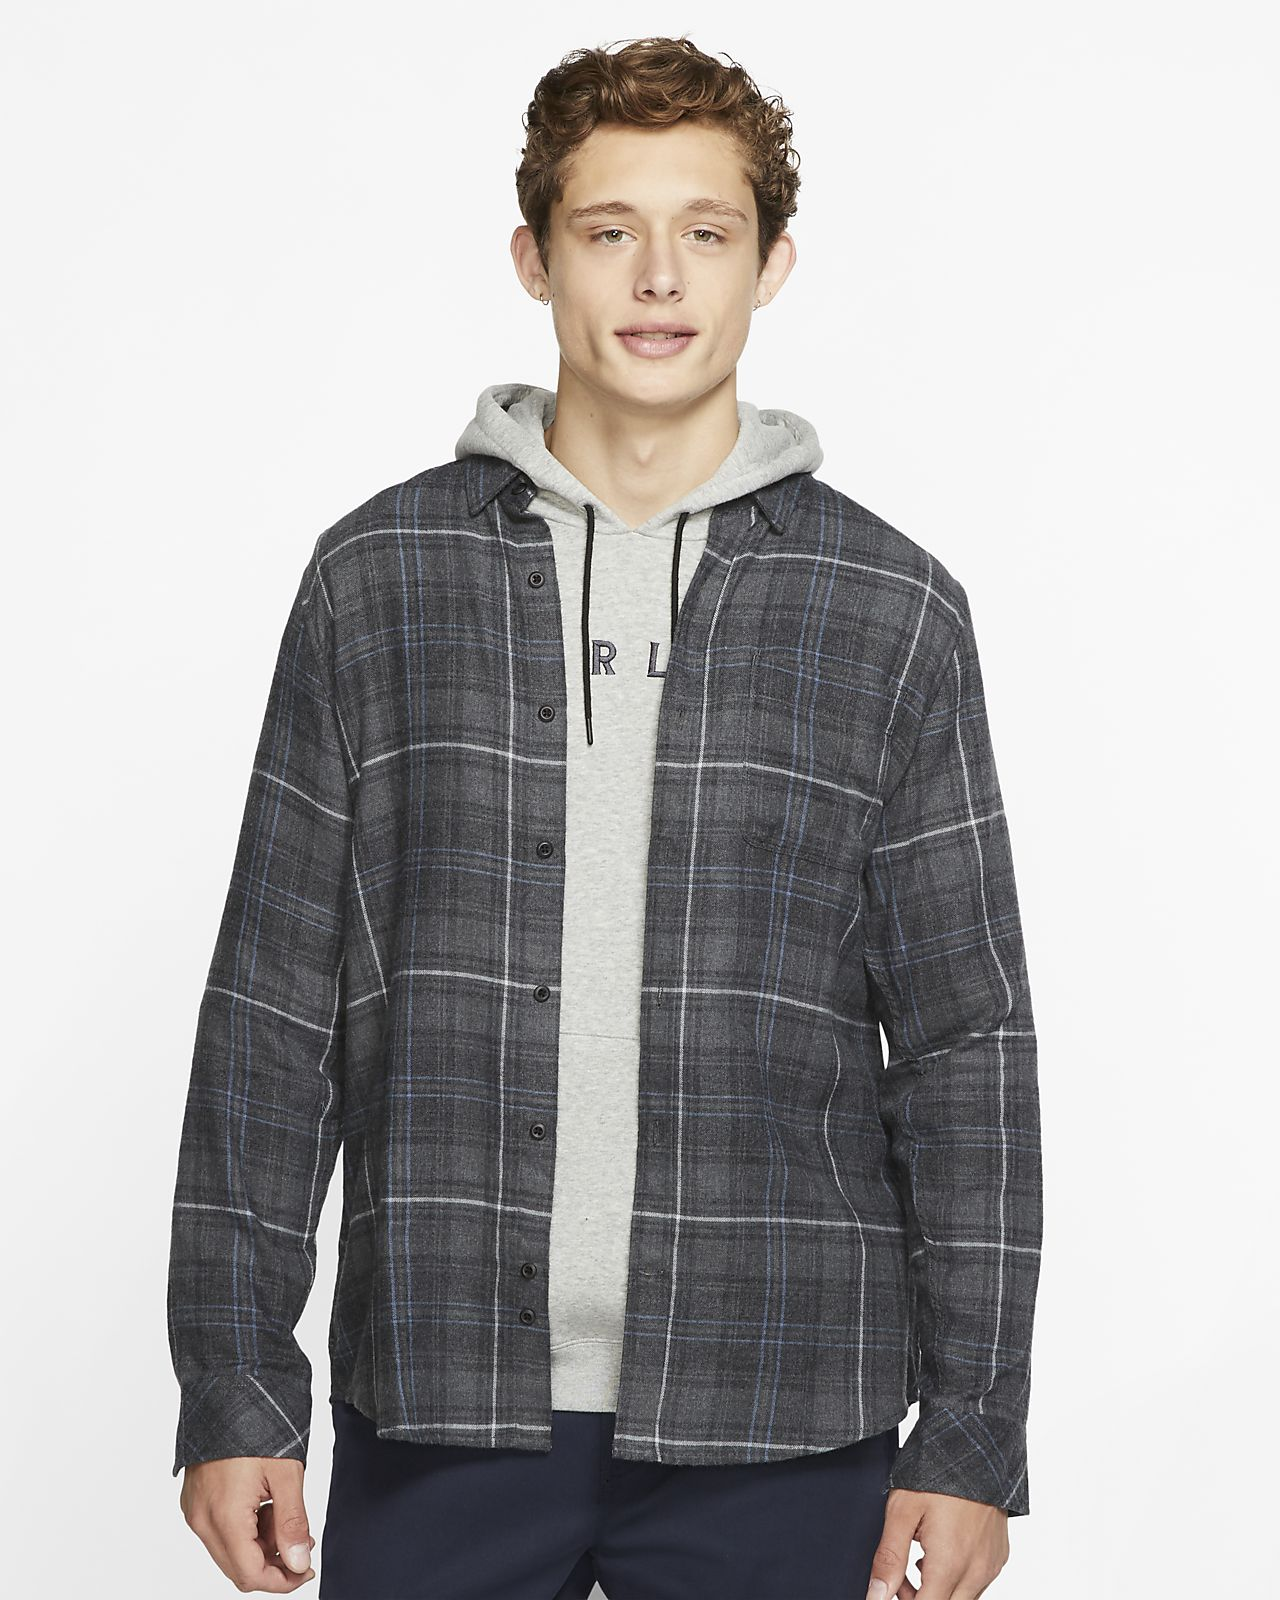 Långärmad tröja Hurley Vedder Washed för män